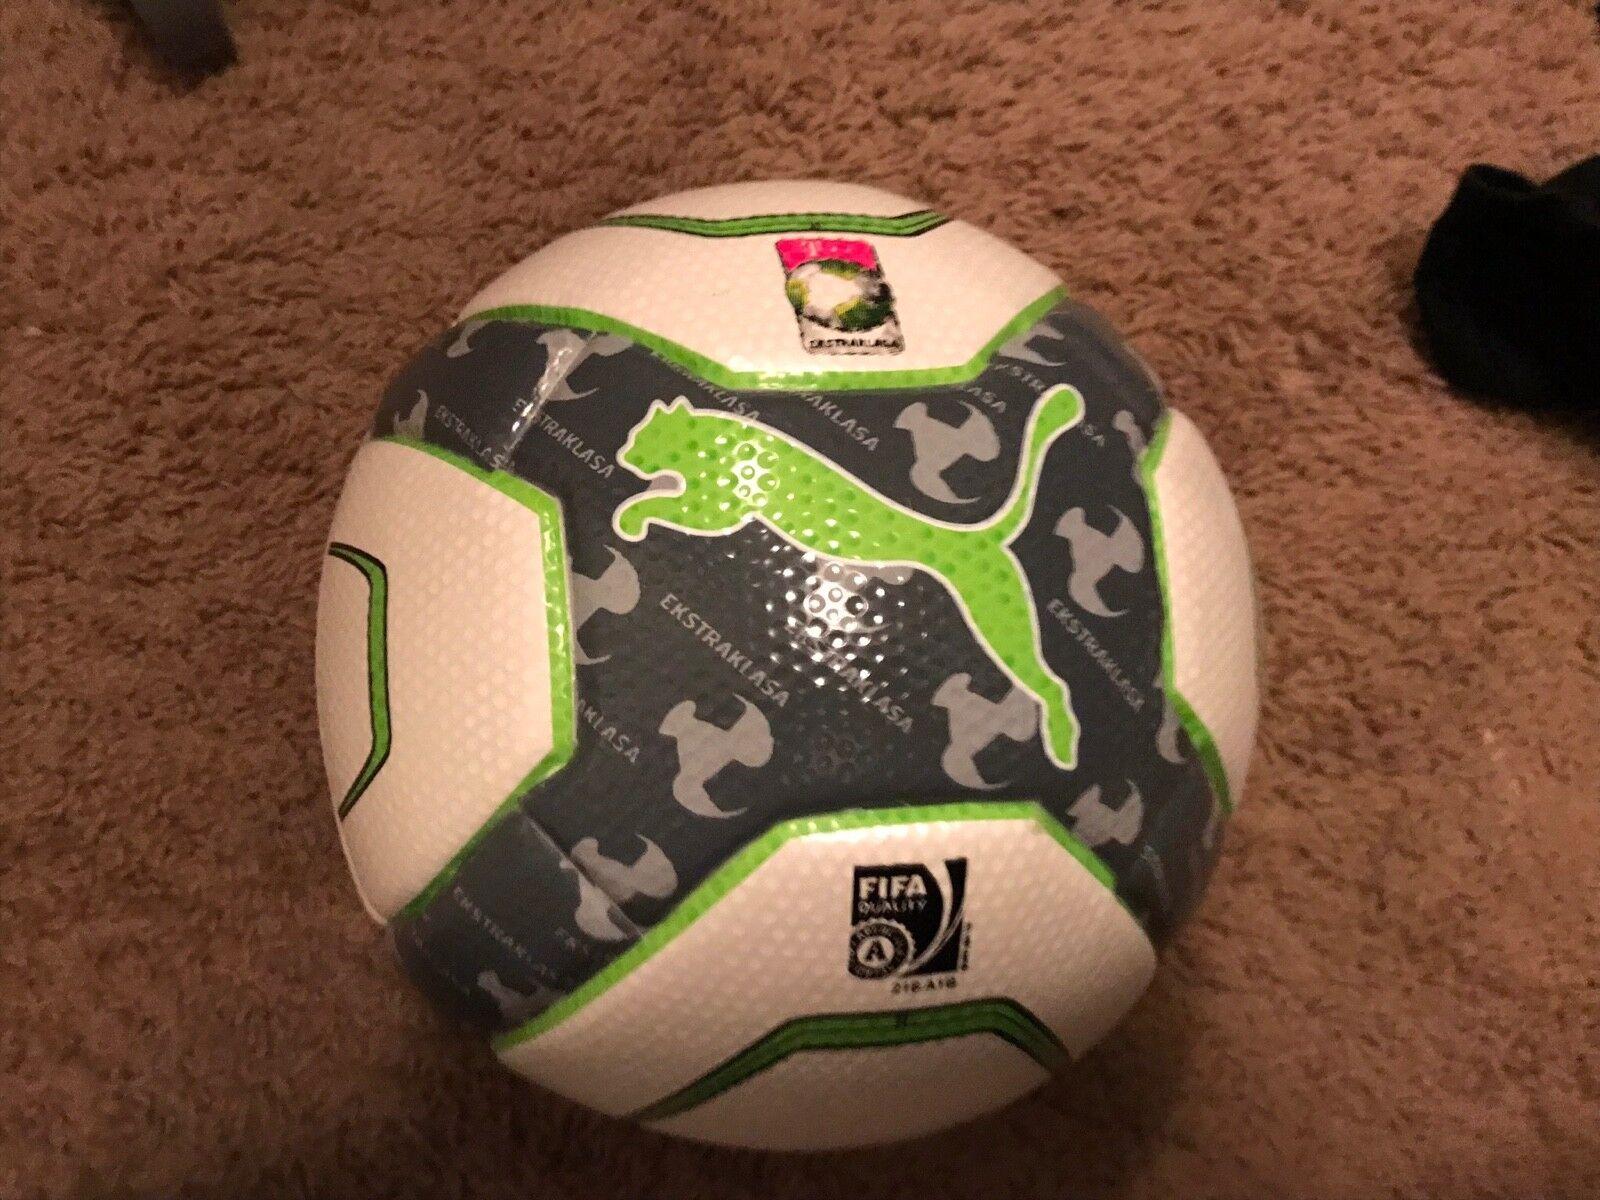 Nuevo bola de coincidencia de venta por menor Puma ekstraklassa no aprobado FIFA polaco Liga